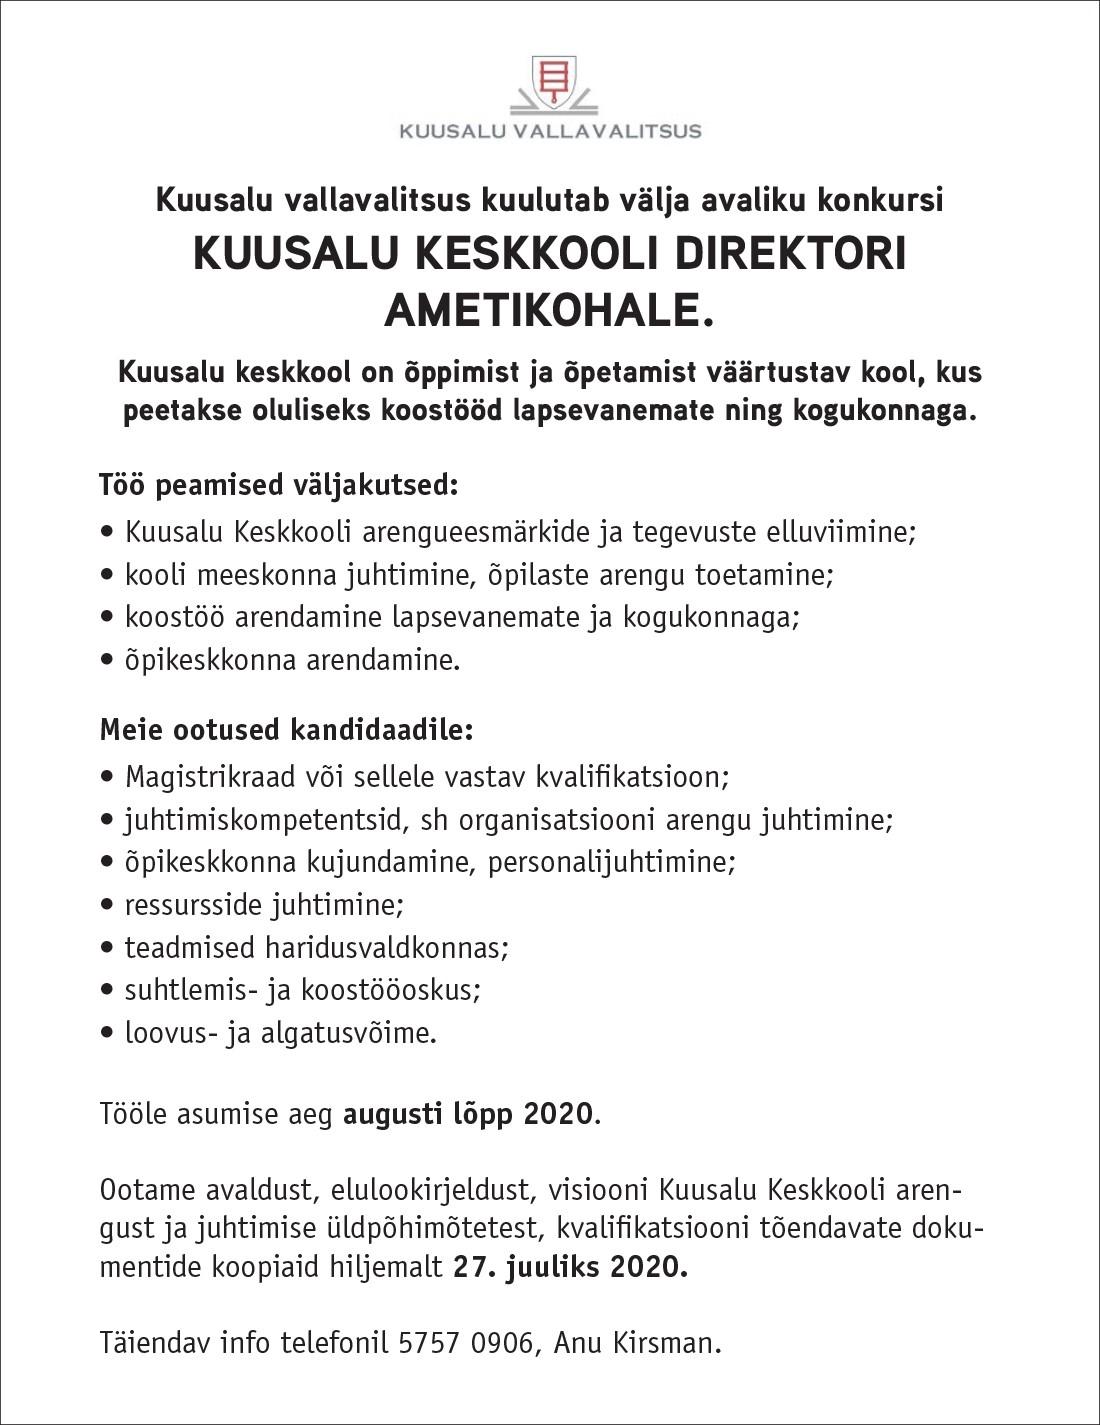 KUUSALU KESKKOOLI DIREKTOR